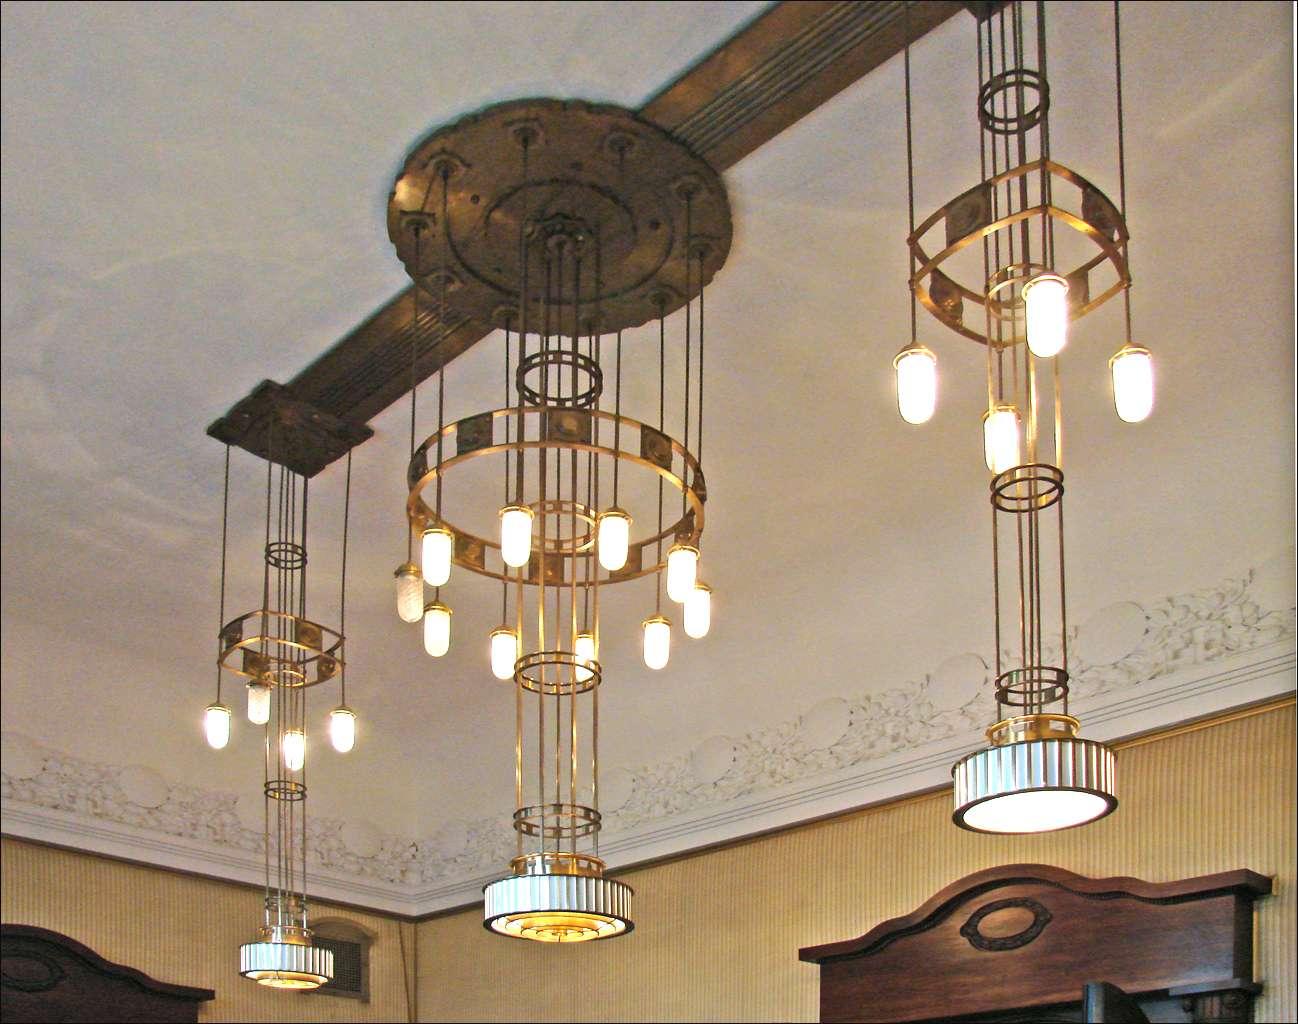 Un luminaire peut être suspendu au plafond, comme ici, et sert à éclairer une pièce. © Dalbera, CC BY 2.0, FlickR